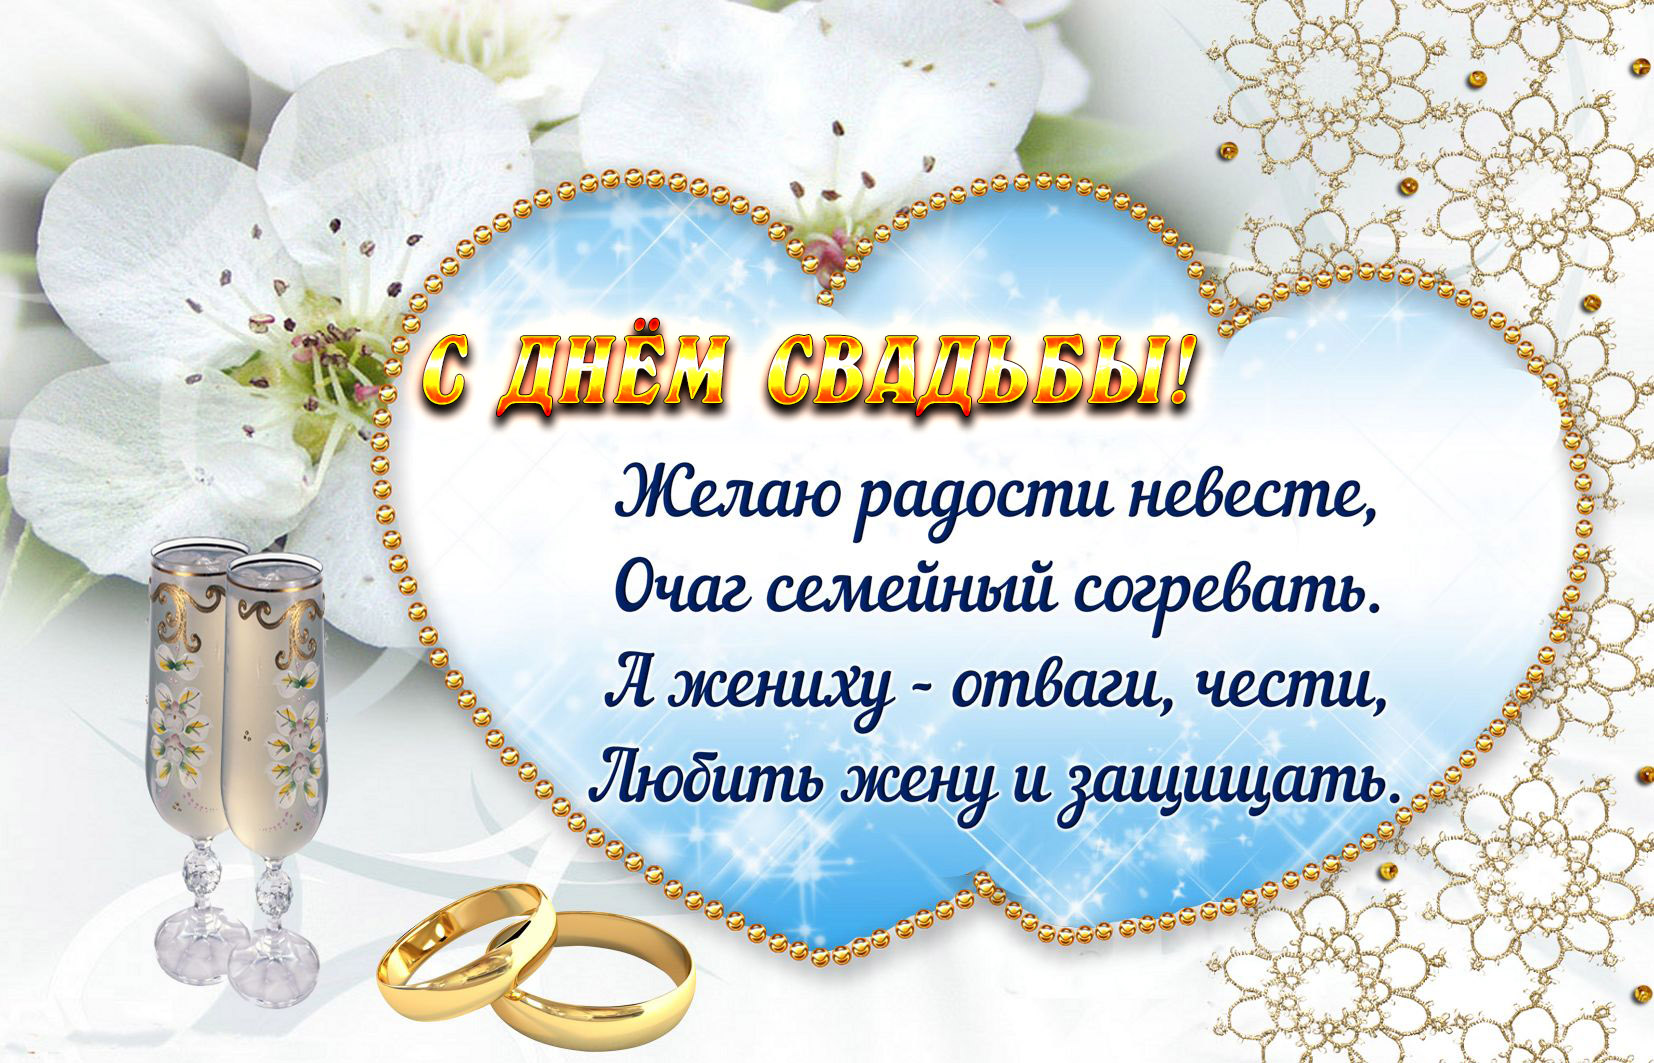 Необыкновенно красивое поздравление на свадьбу